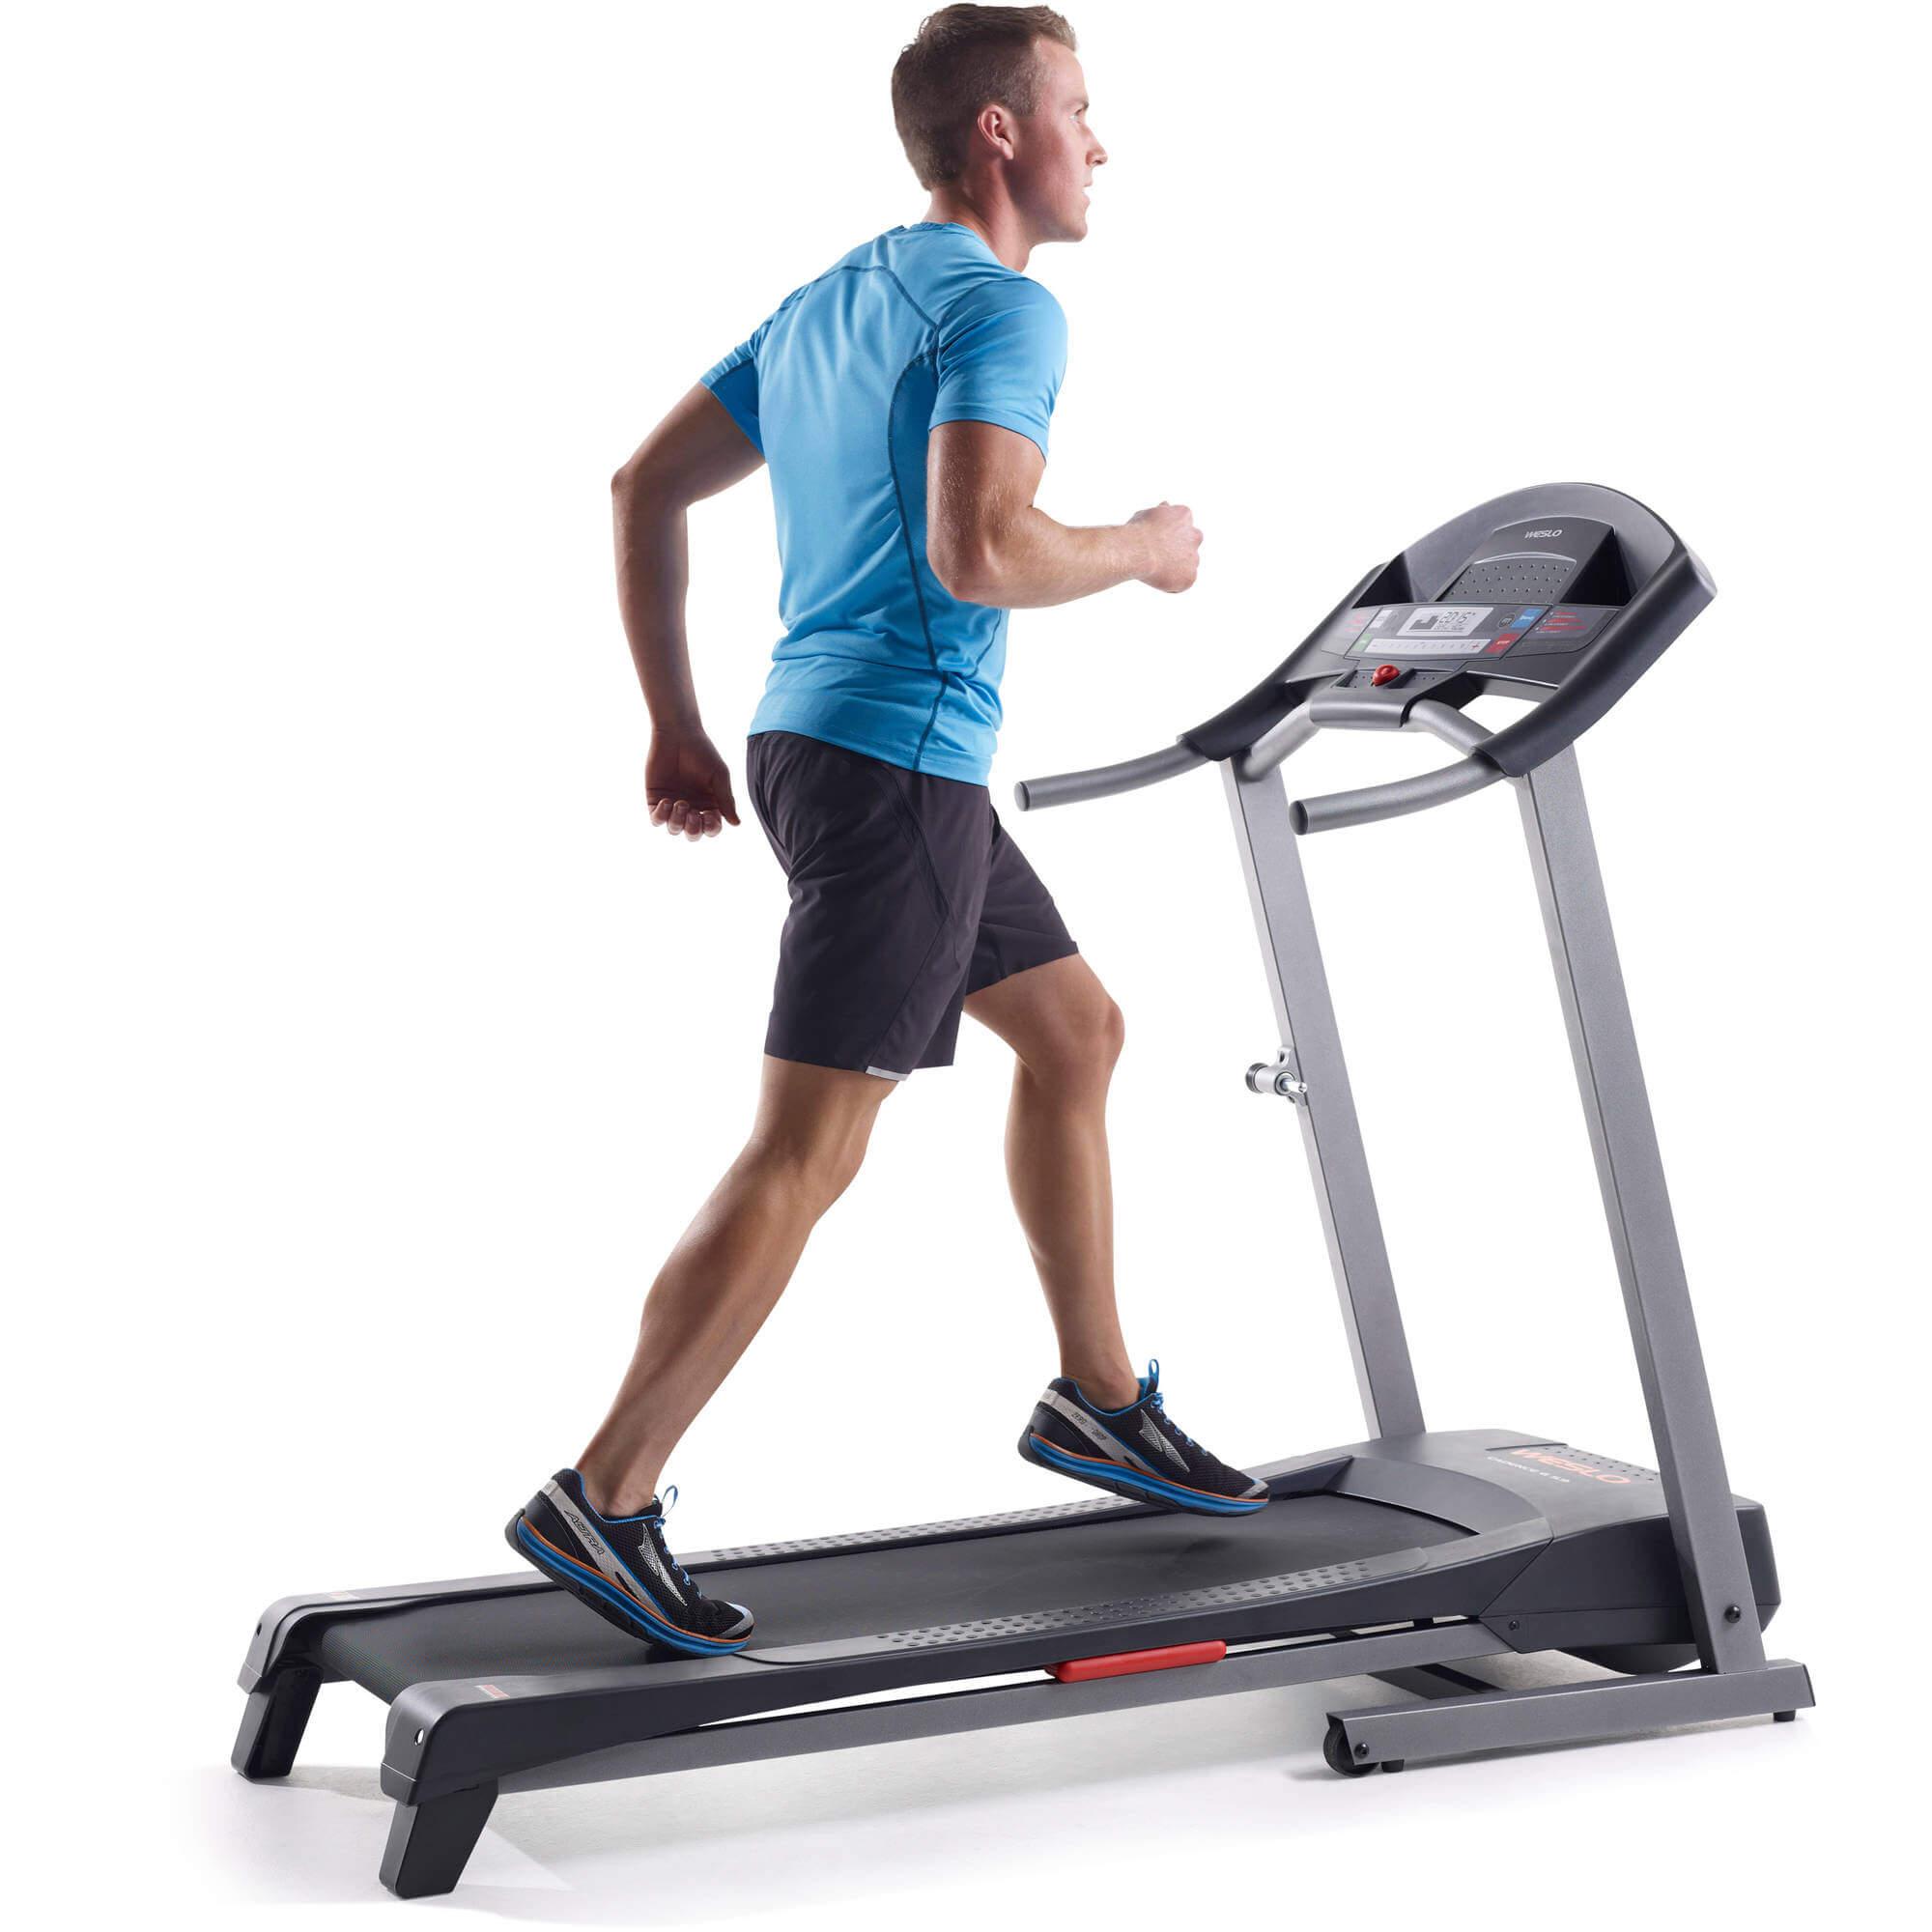 Weslo Cadence G 5 9i Folding Treadmill, iFit Coach